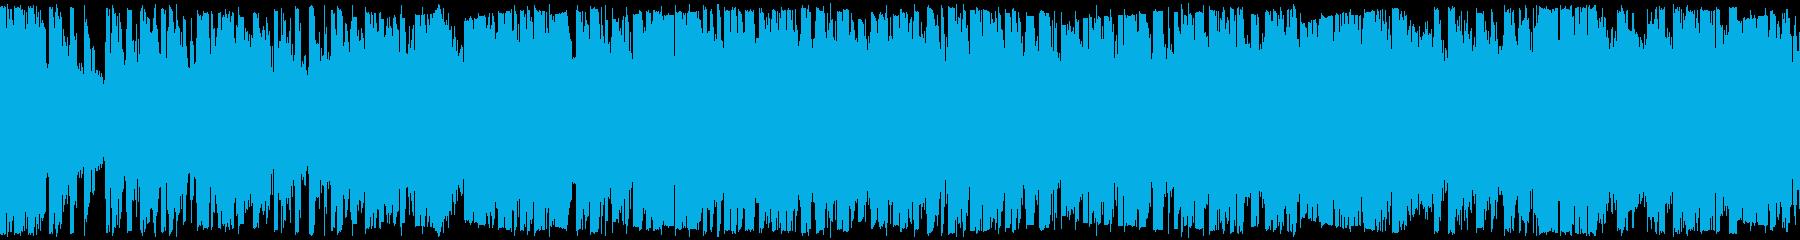 三味線メタル、力強い、疾走感、声入りBの再生済みの波形